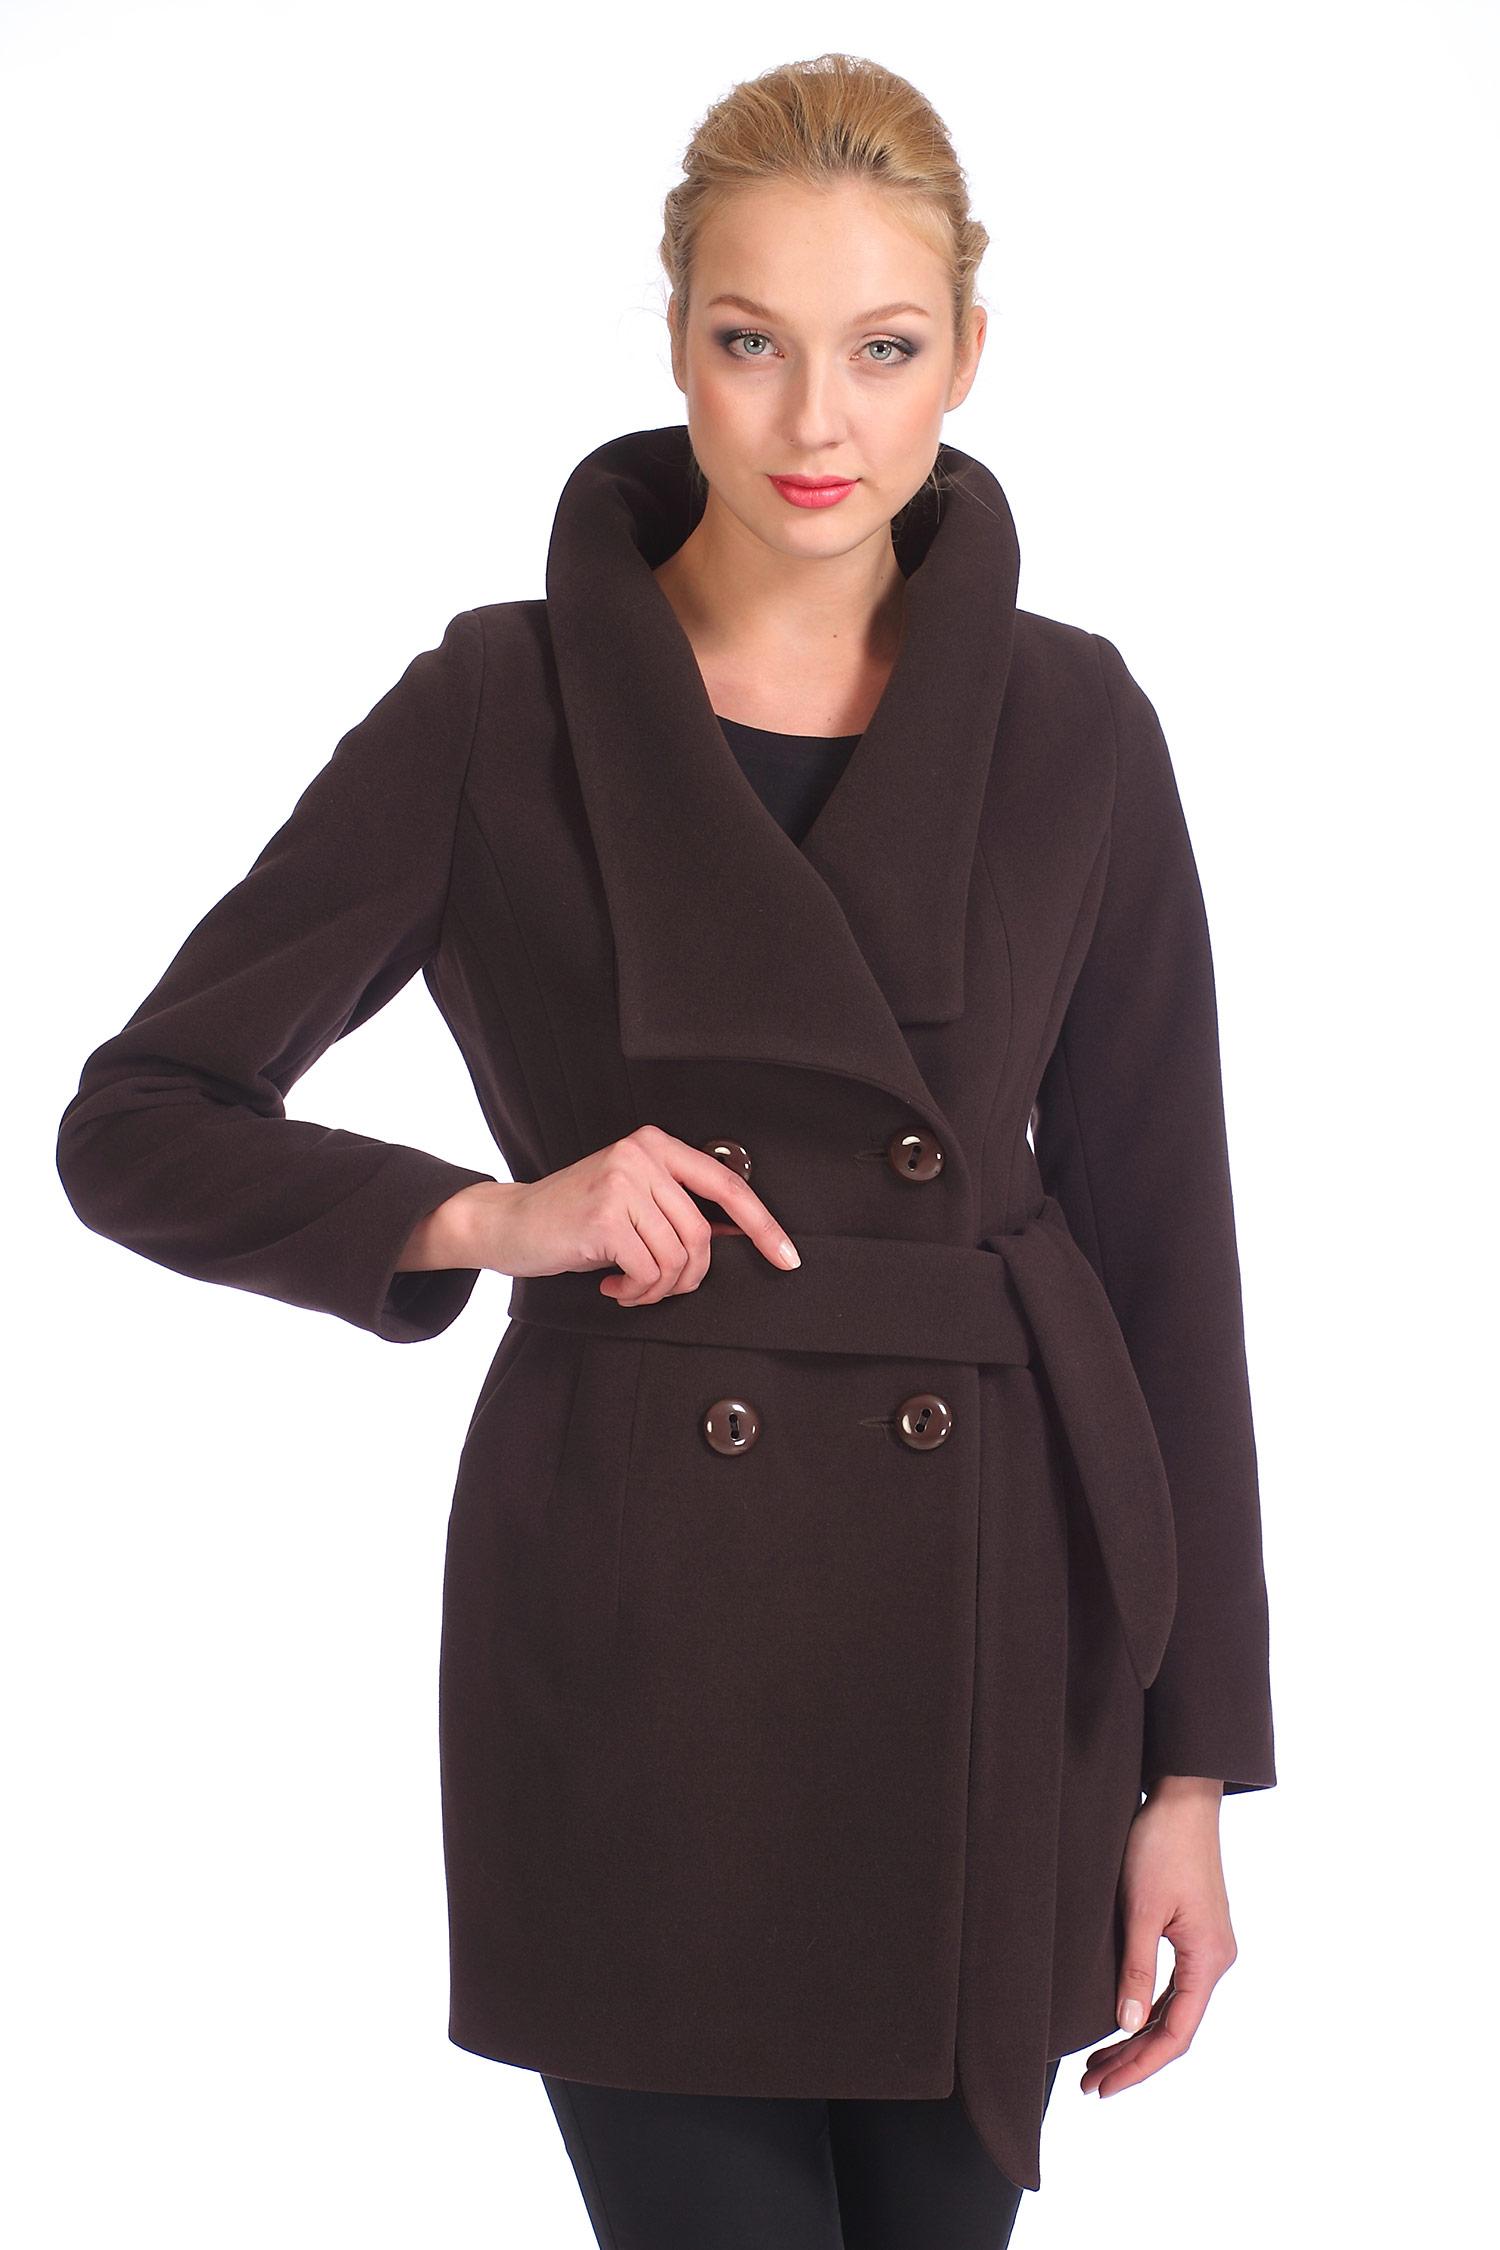 Женское пальто с воротником, без отделки<br><br>Воротник: отложной<br>Длина см: Средняя (75-89 )<br>Материал: Комбинированный состав<br>Цвет: коричневый<br>Вид застежки: двубортная<br>Застежка: на пуговицы<br>Пол: Женский<br>Размер RU: 48